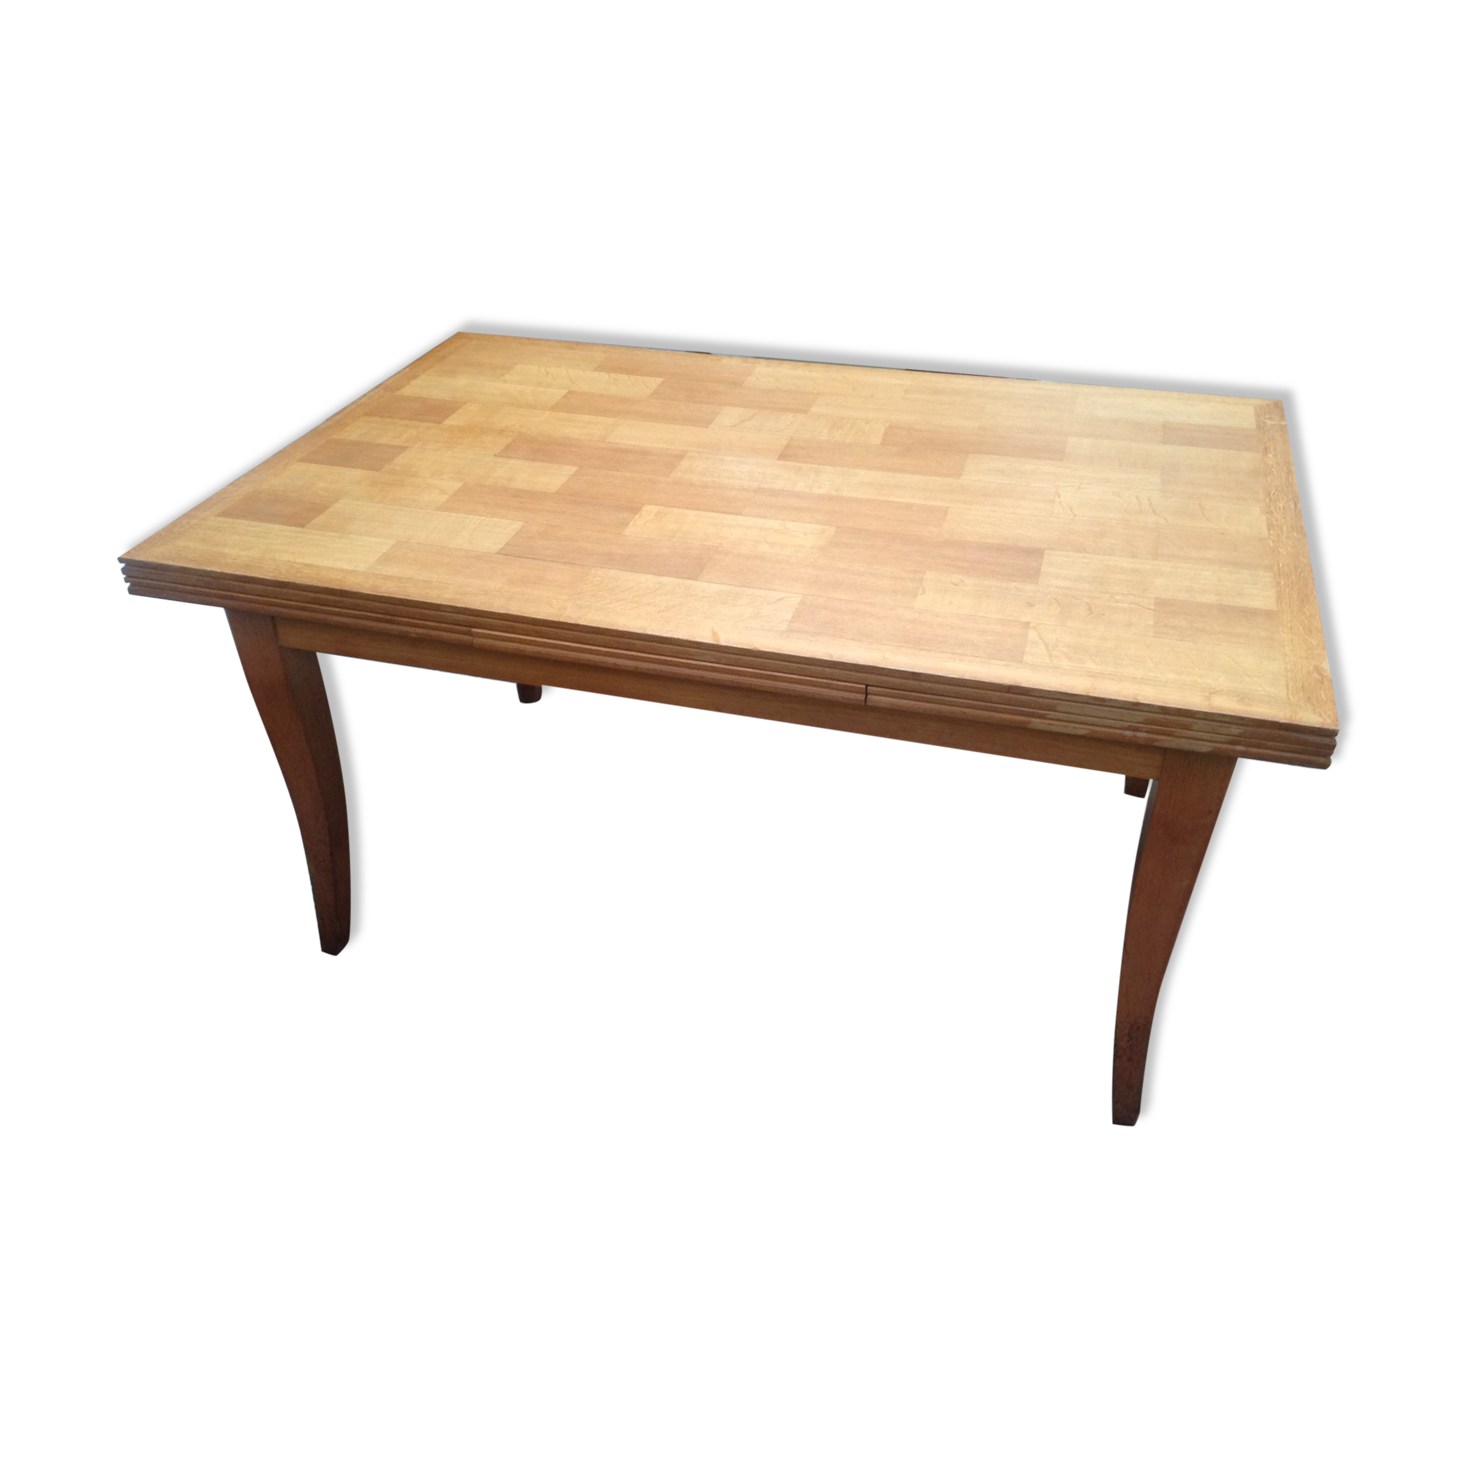 table de salle a manger originale top table salle manger mat riau verre id e originale couleur. Black Bedroom Furniture Sets. Home Design Ideas